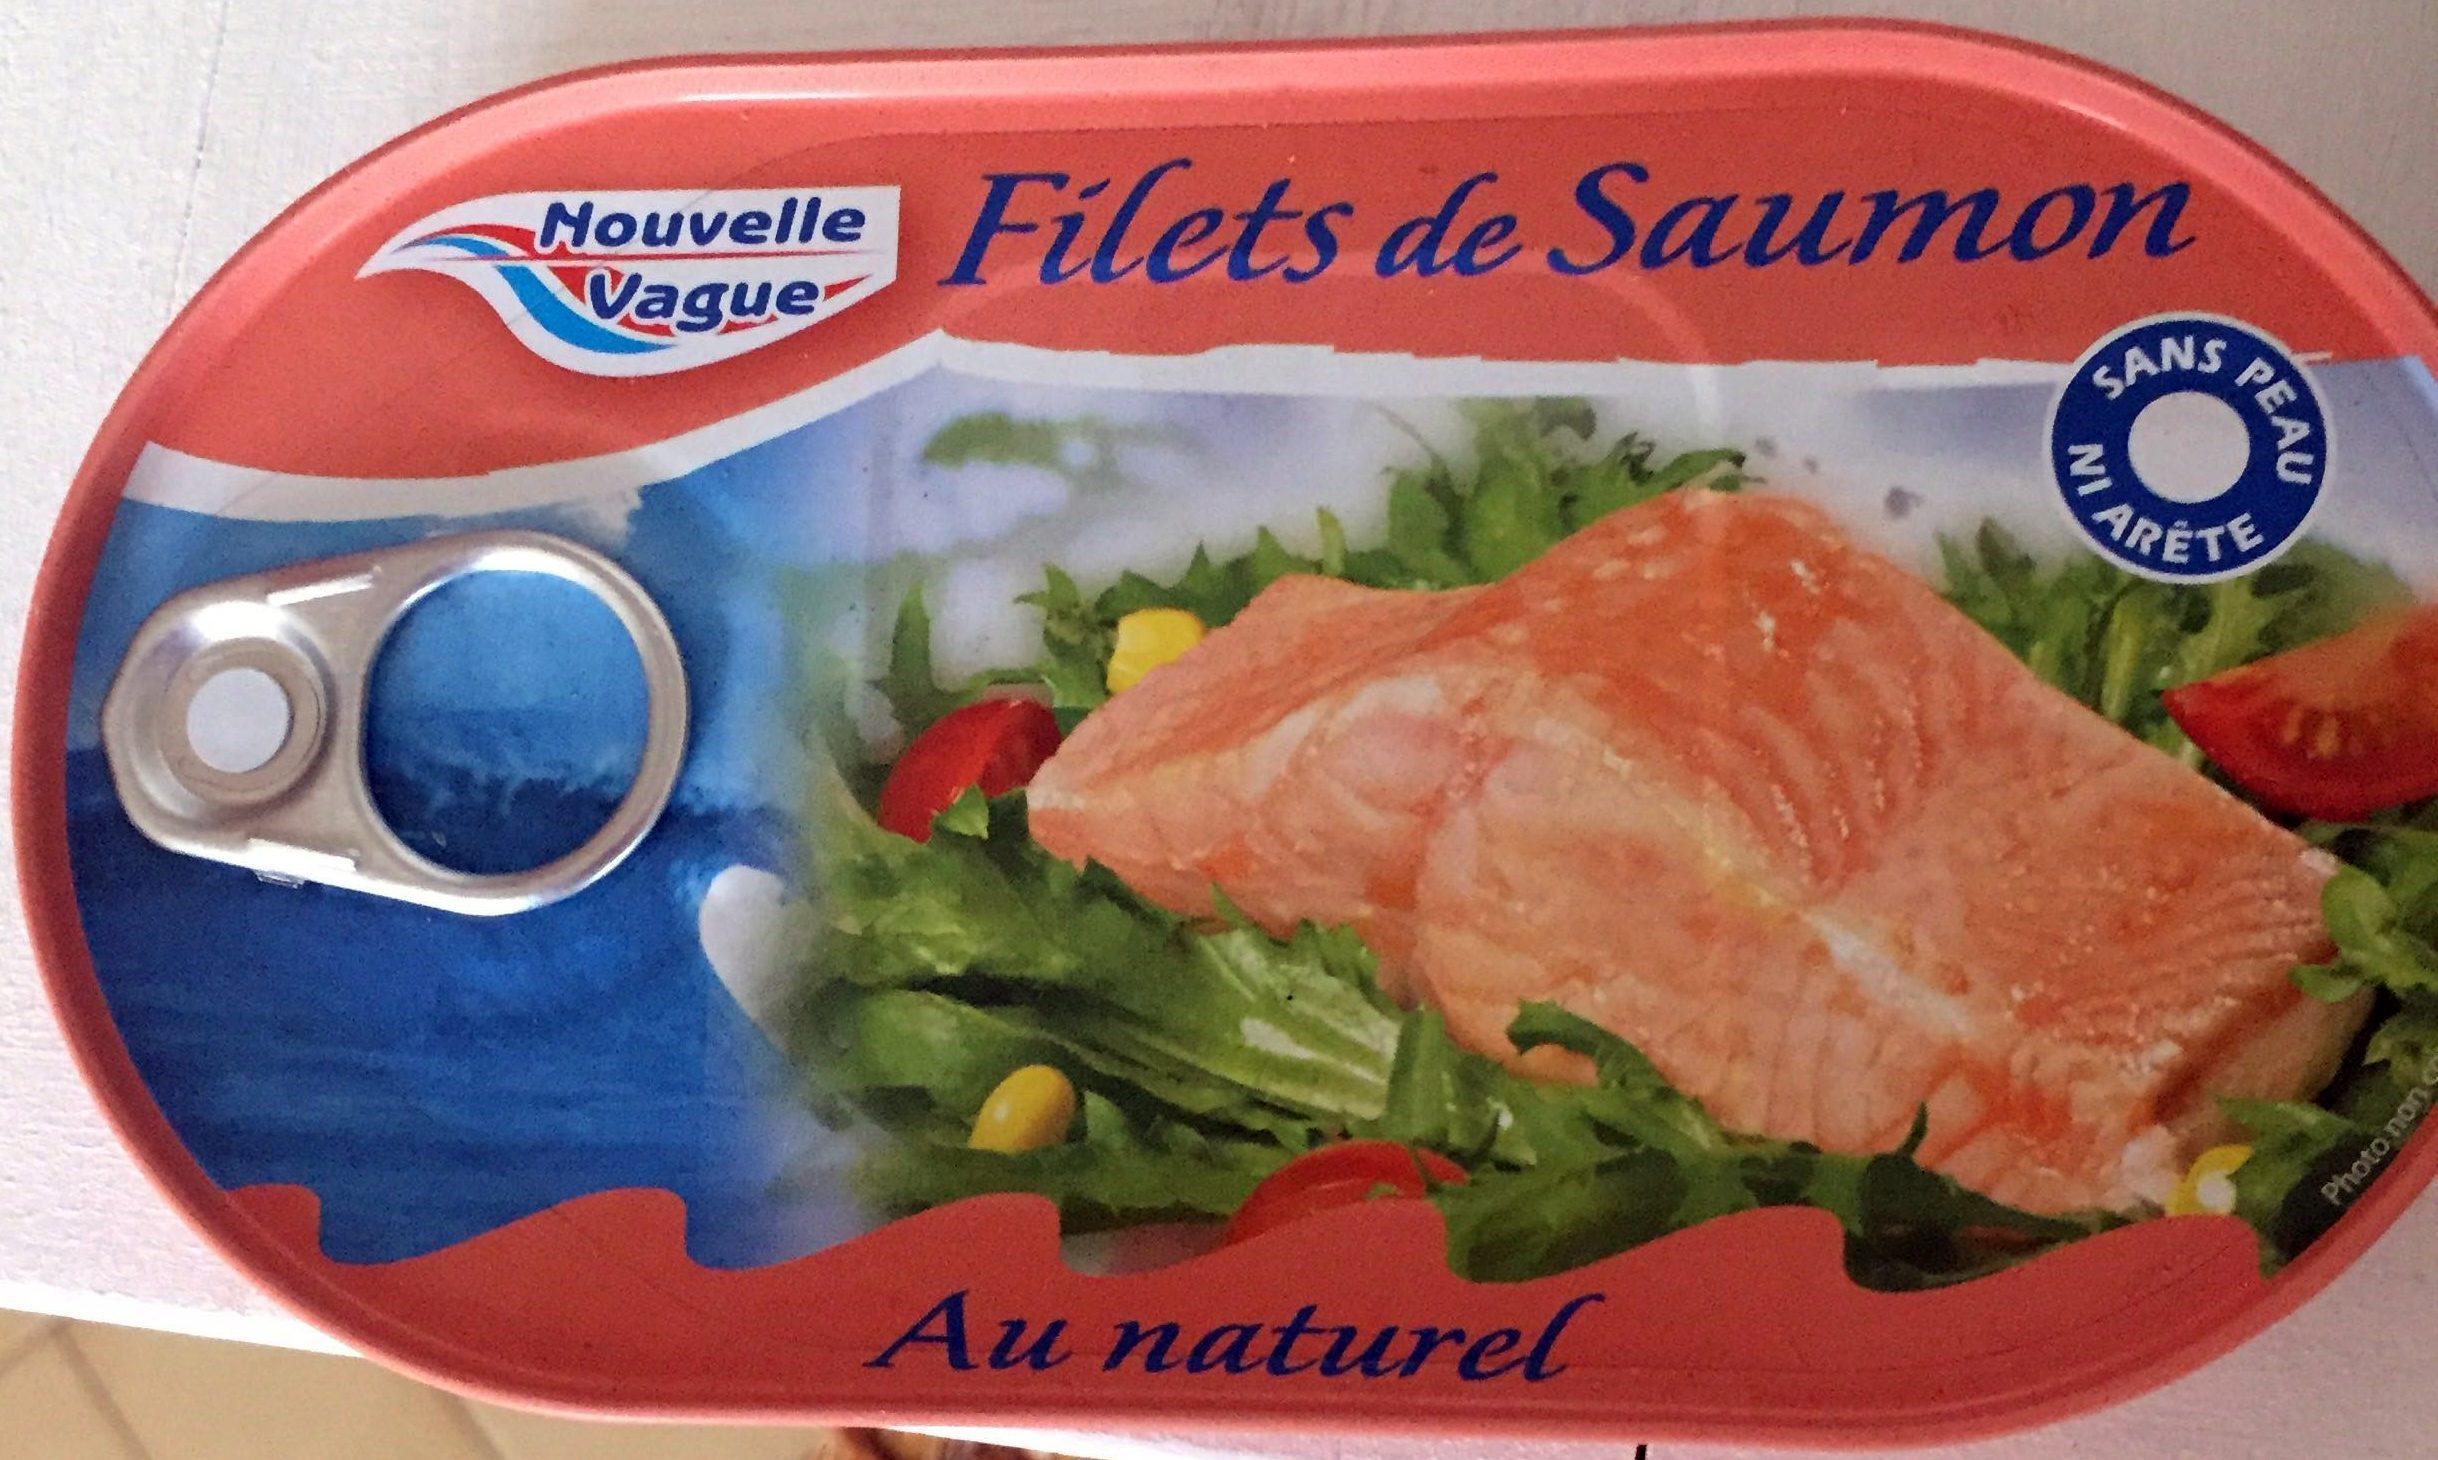 Filets de saumon au naturel - Produit - fr